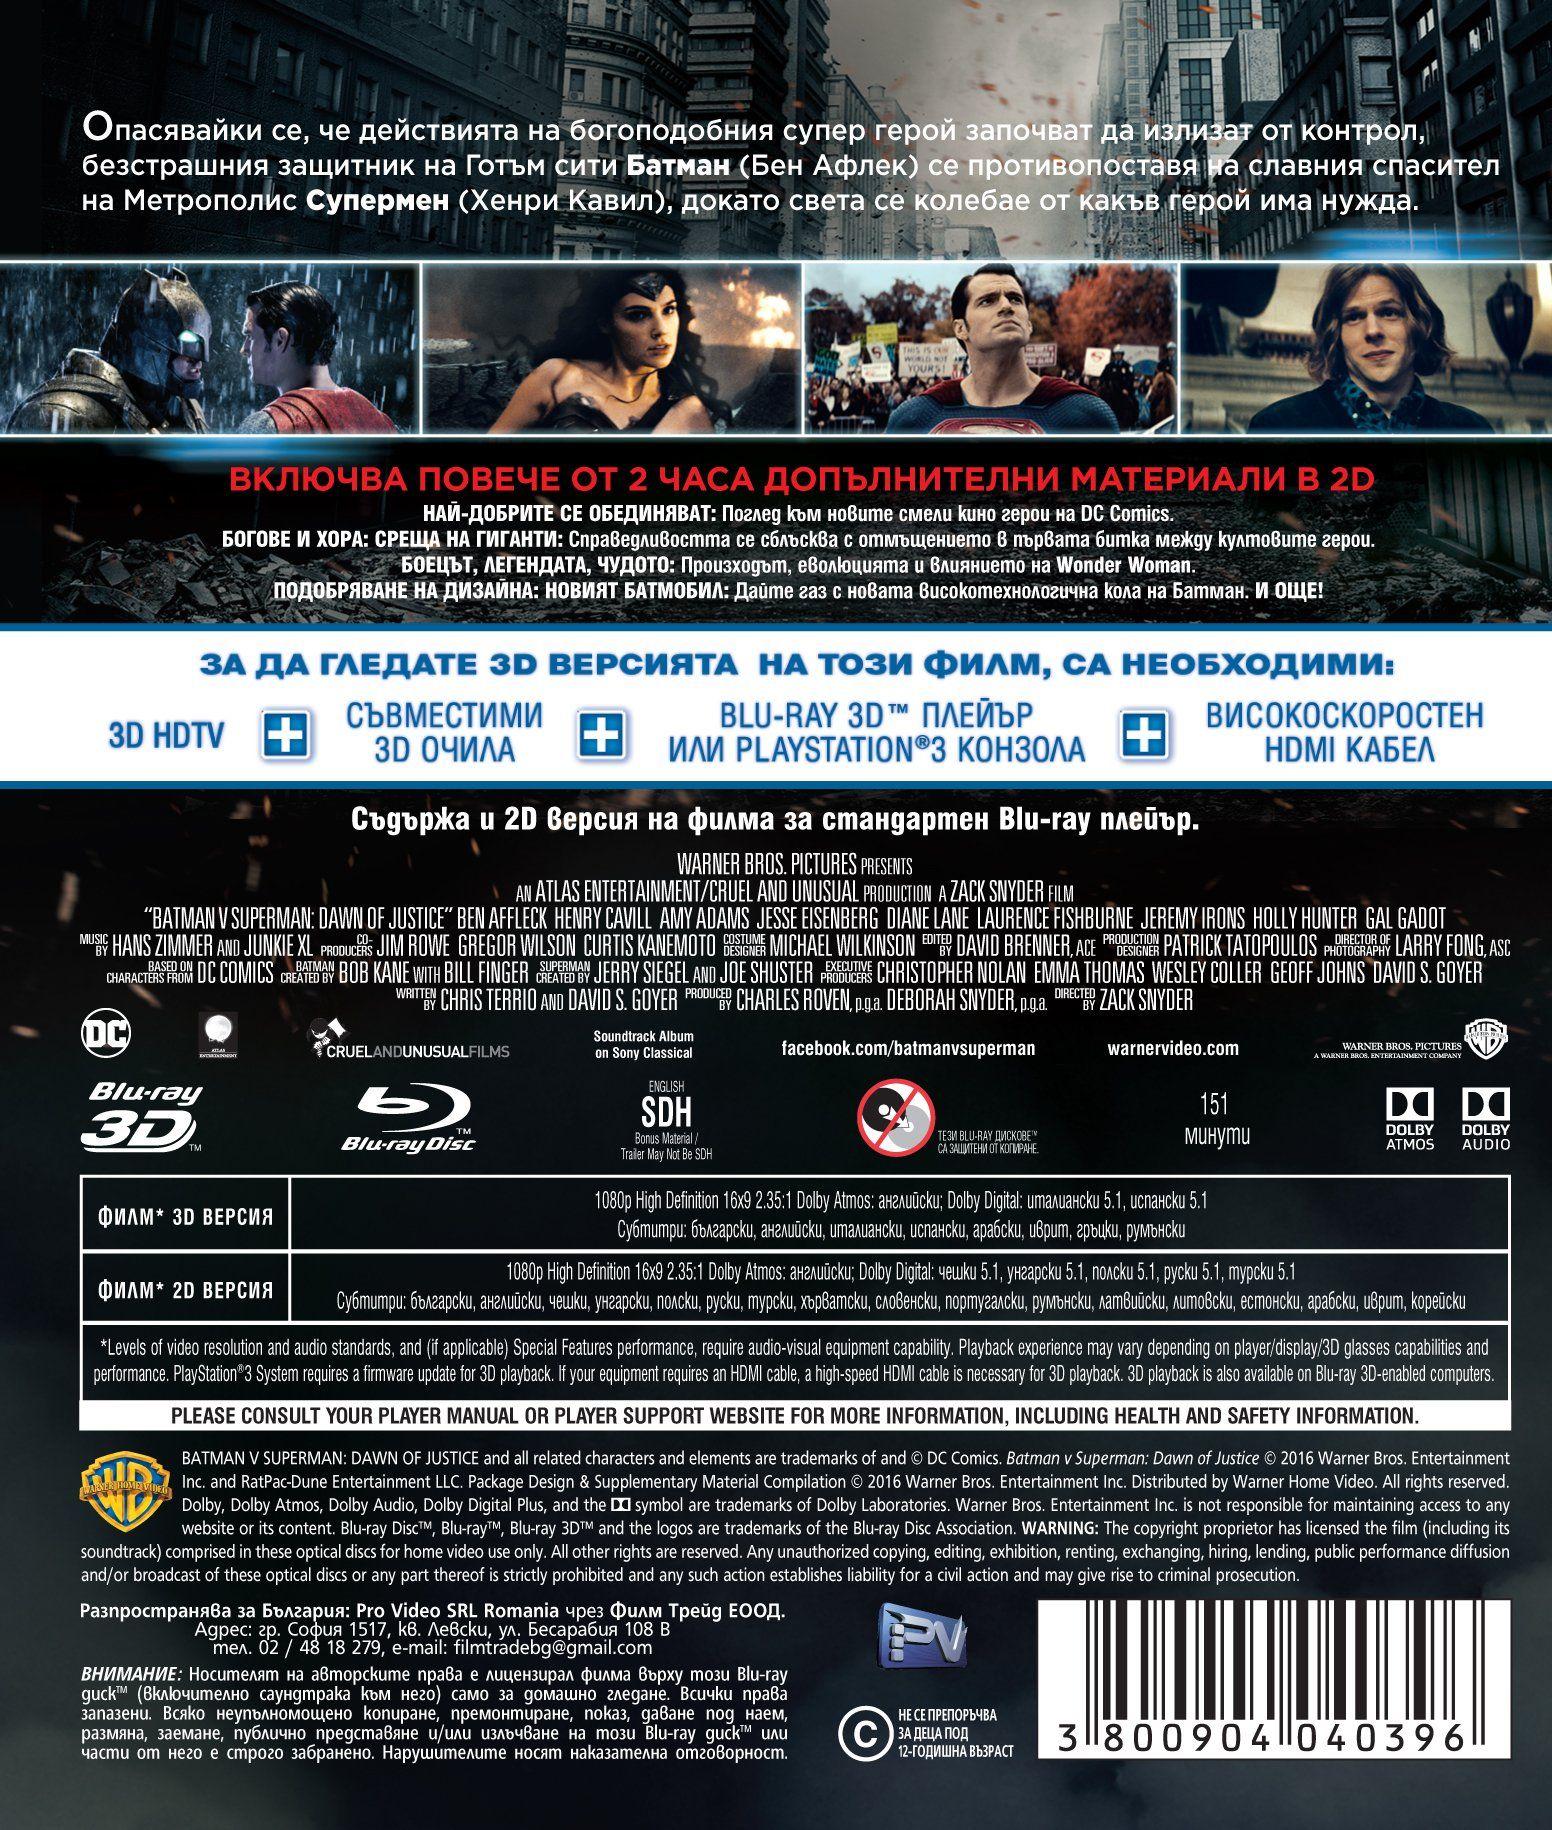 Батман срещу Супермен: Зората на справедливостта - Kино версия 3D+2D (Blu-Ray) - 3